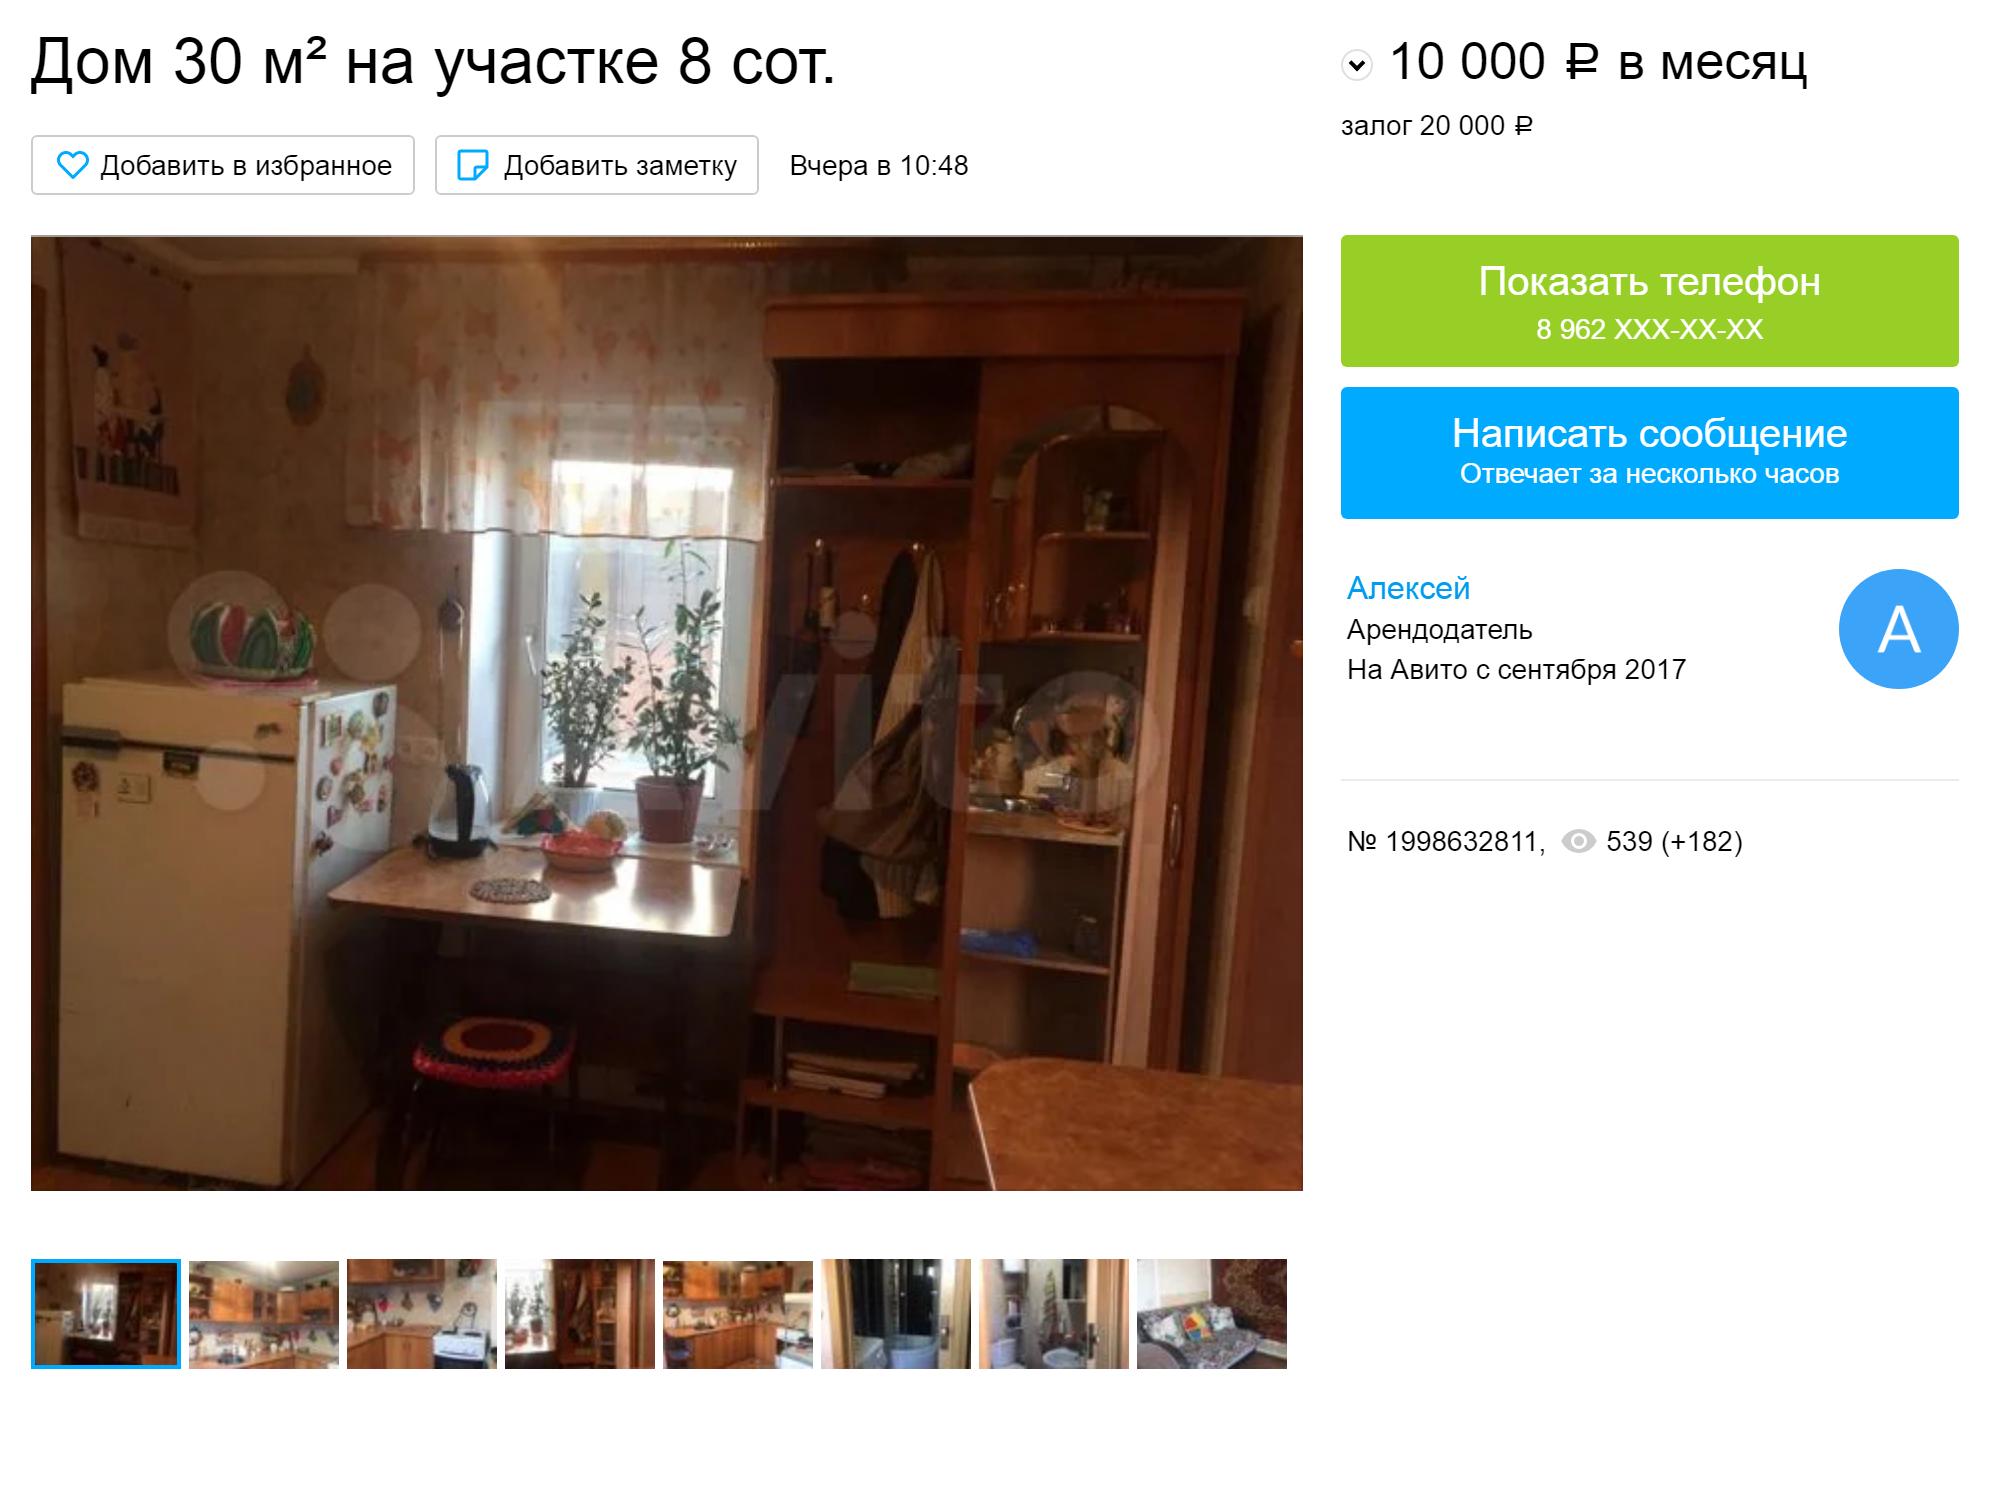 Дом, который по площади равен однокомнатной квартире, можно снять за 10 тысяч рублей. Источник: «Авито»